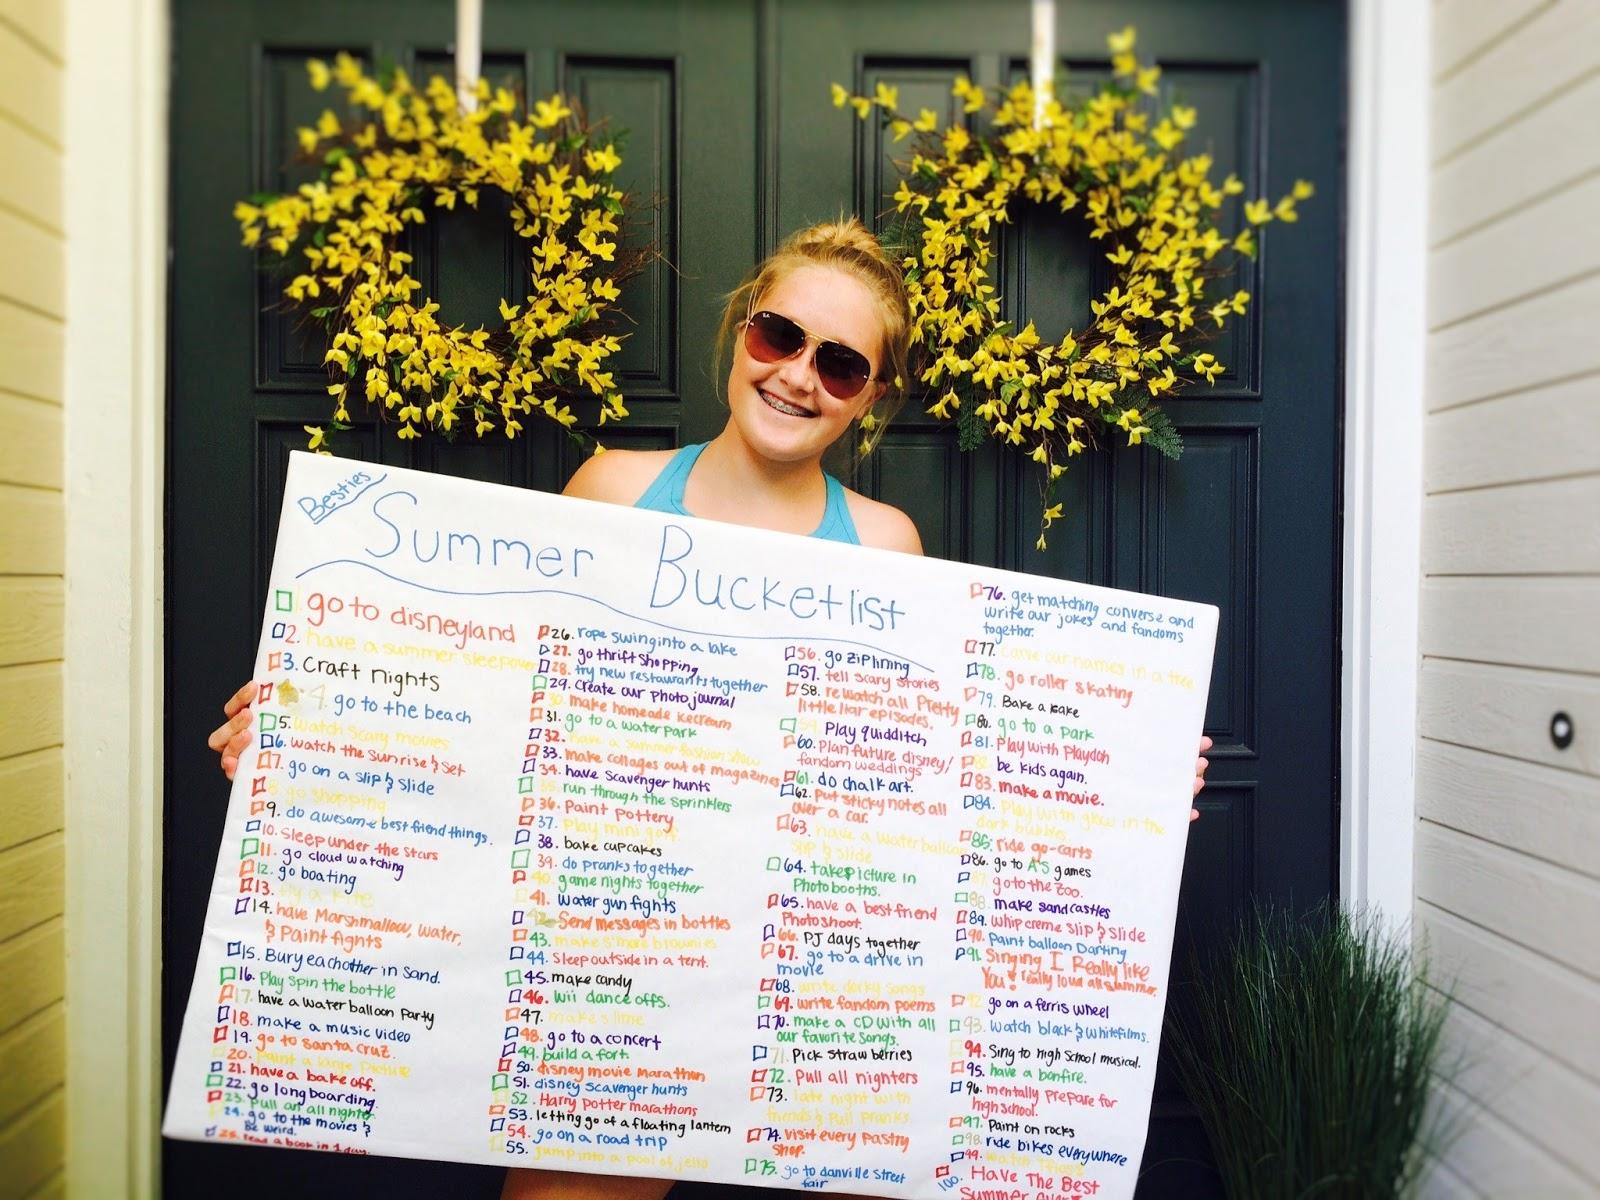 Summer bucket list with best friend